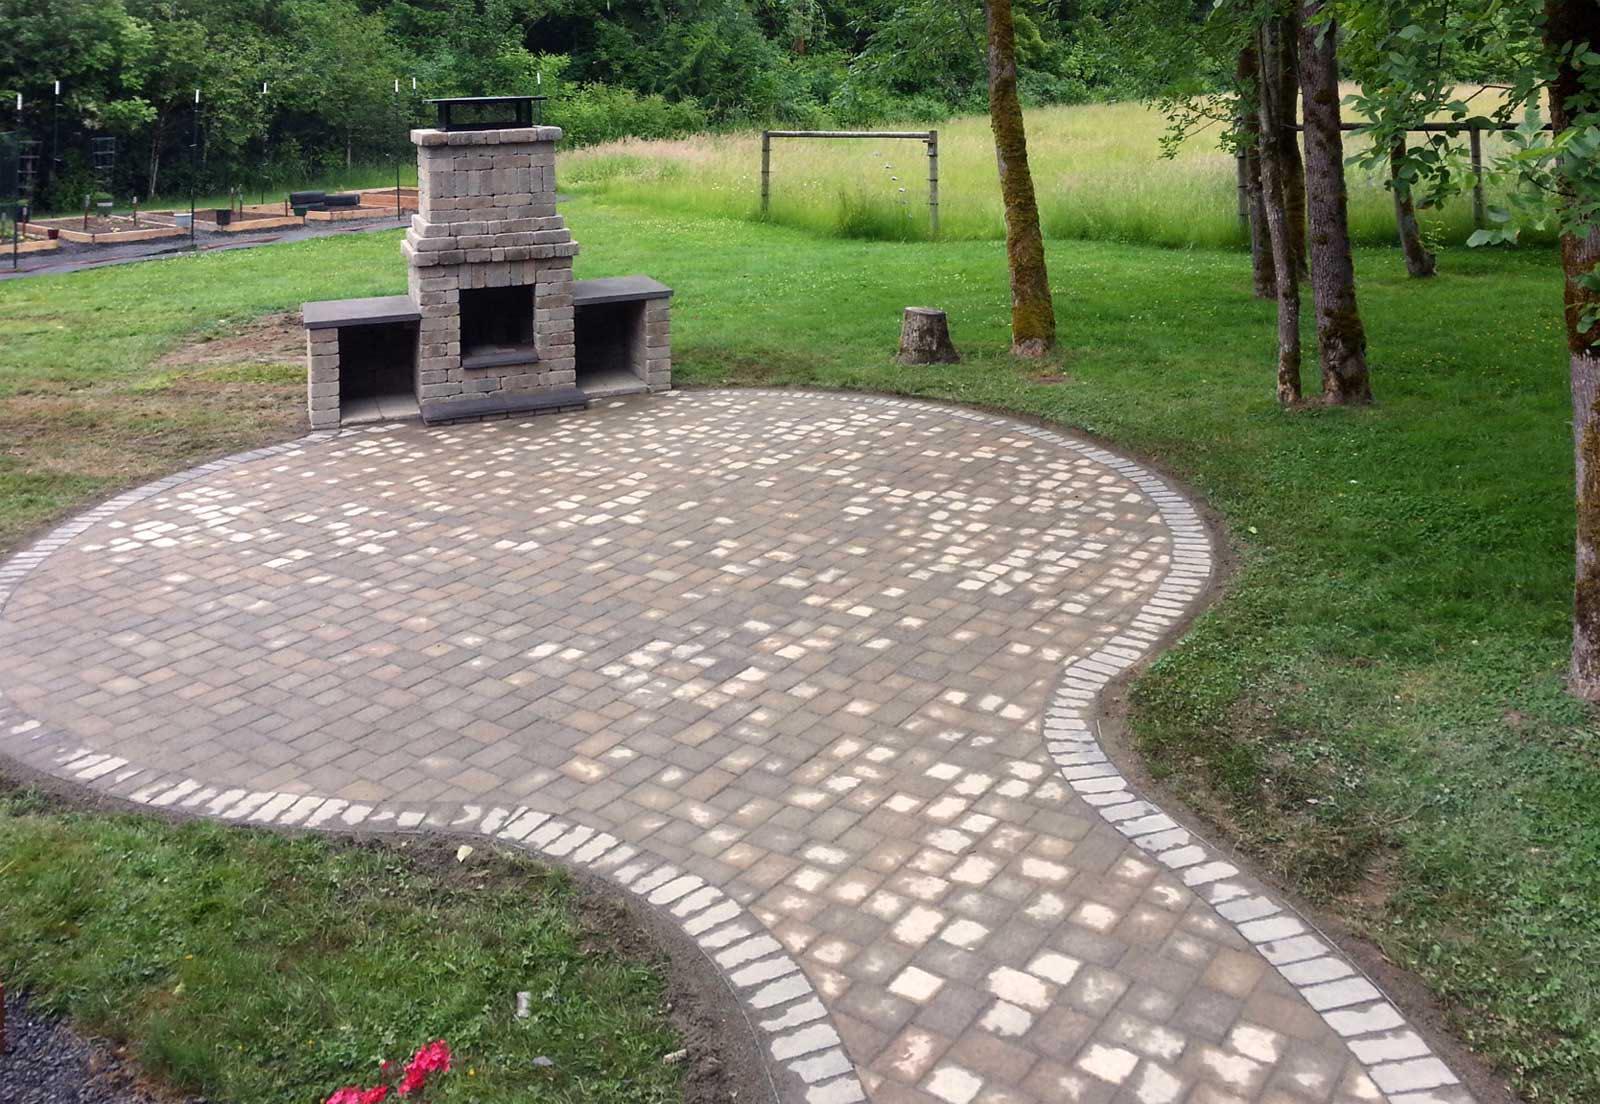 Brick Paver Fire Pit  Fire Pit Design Ideas